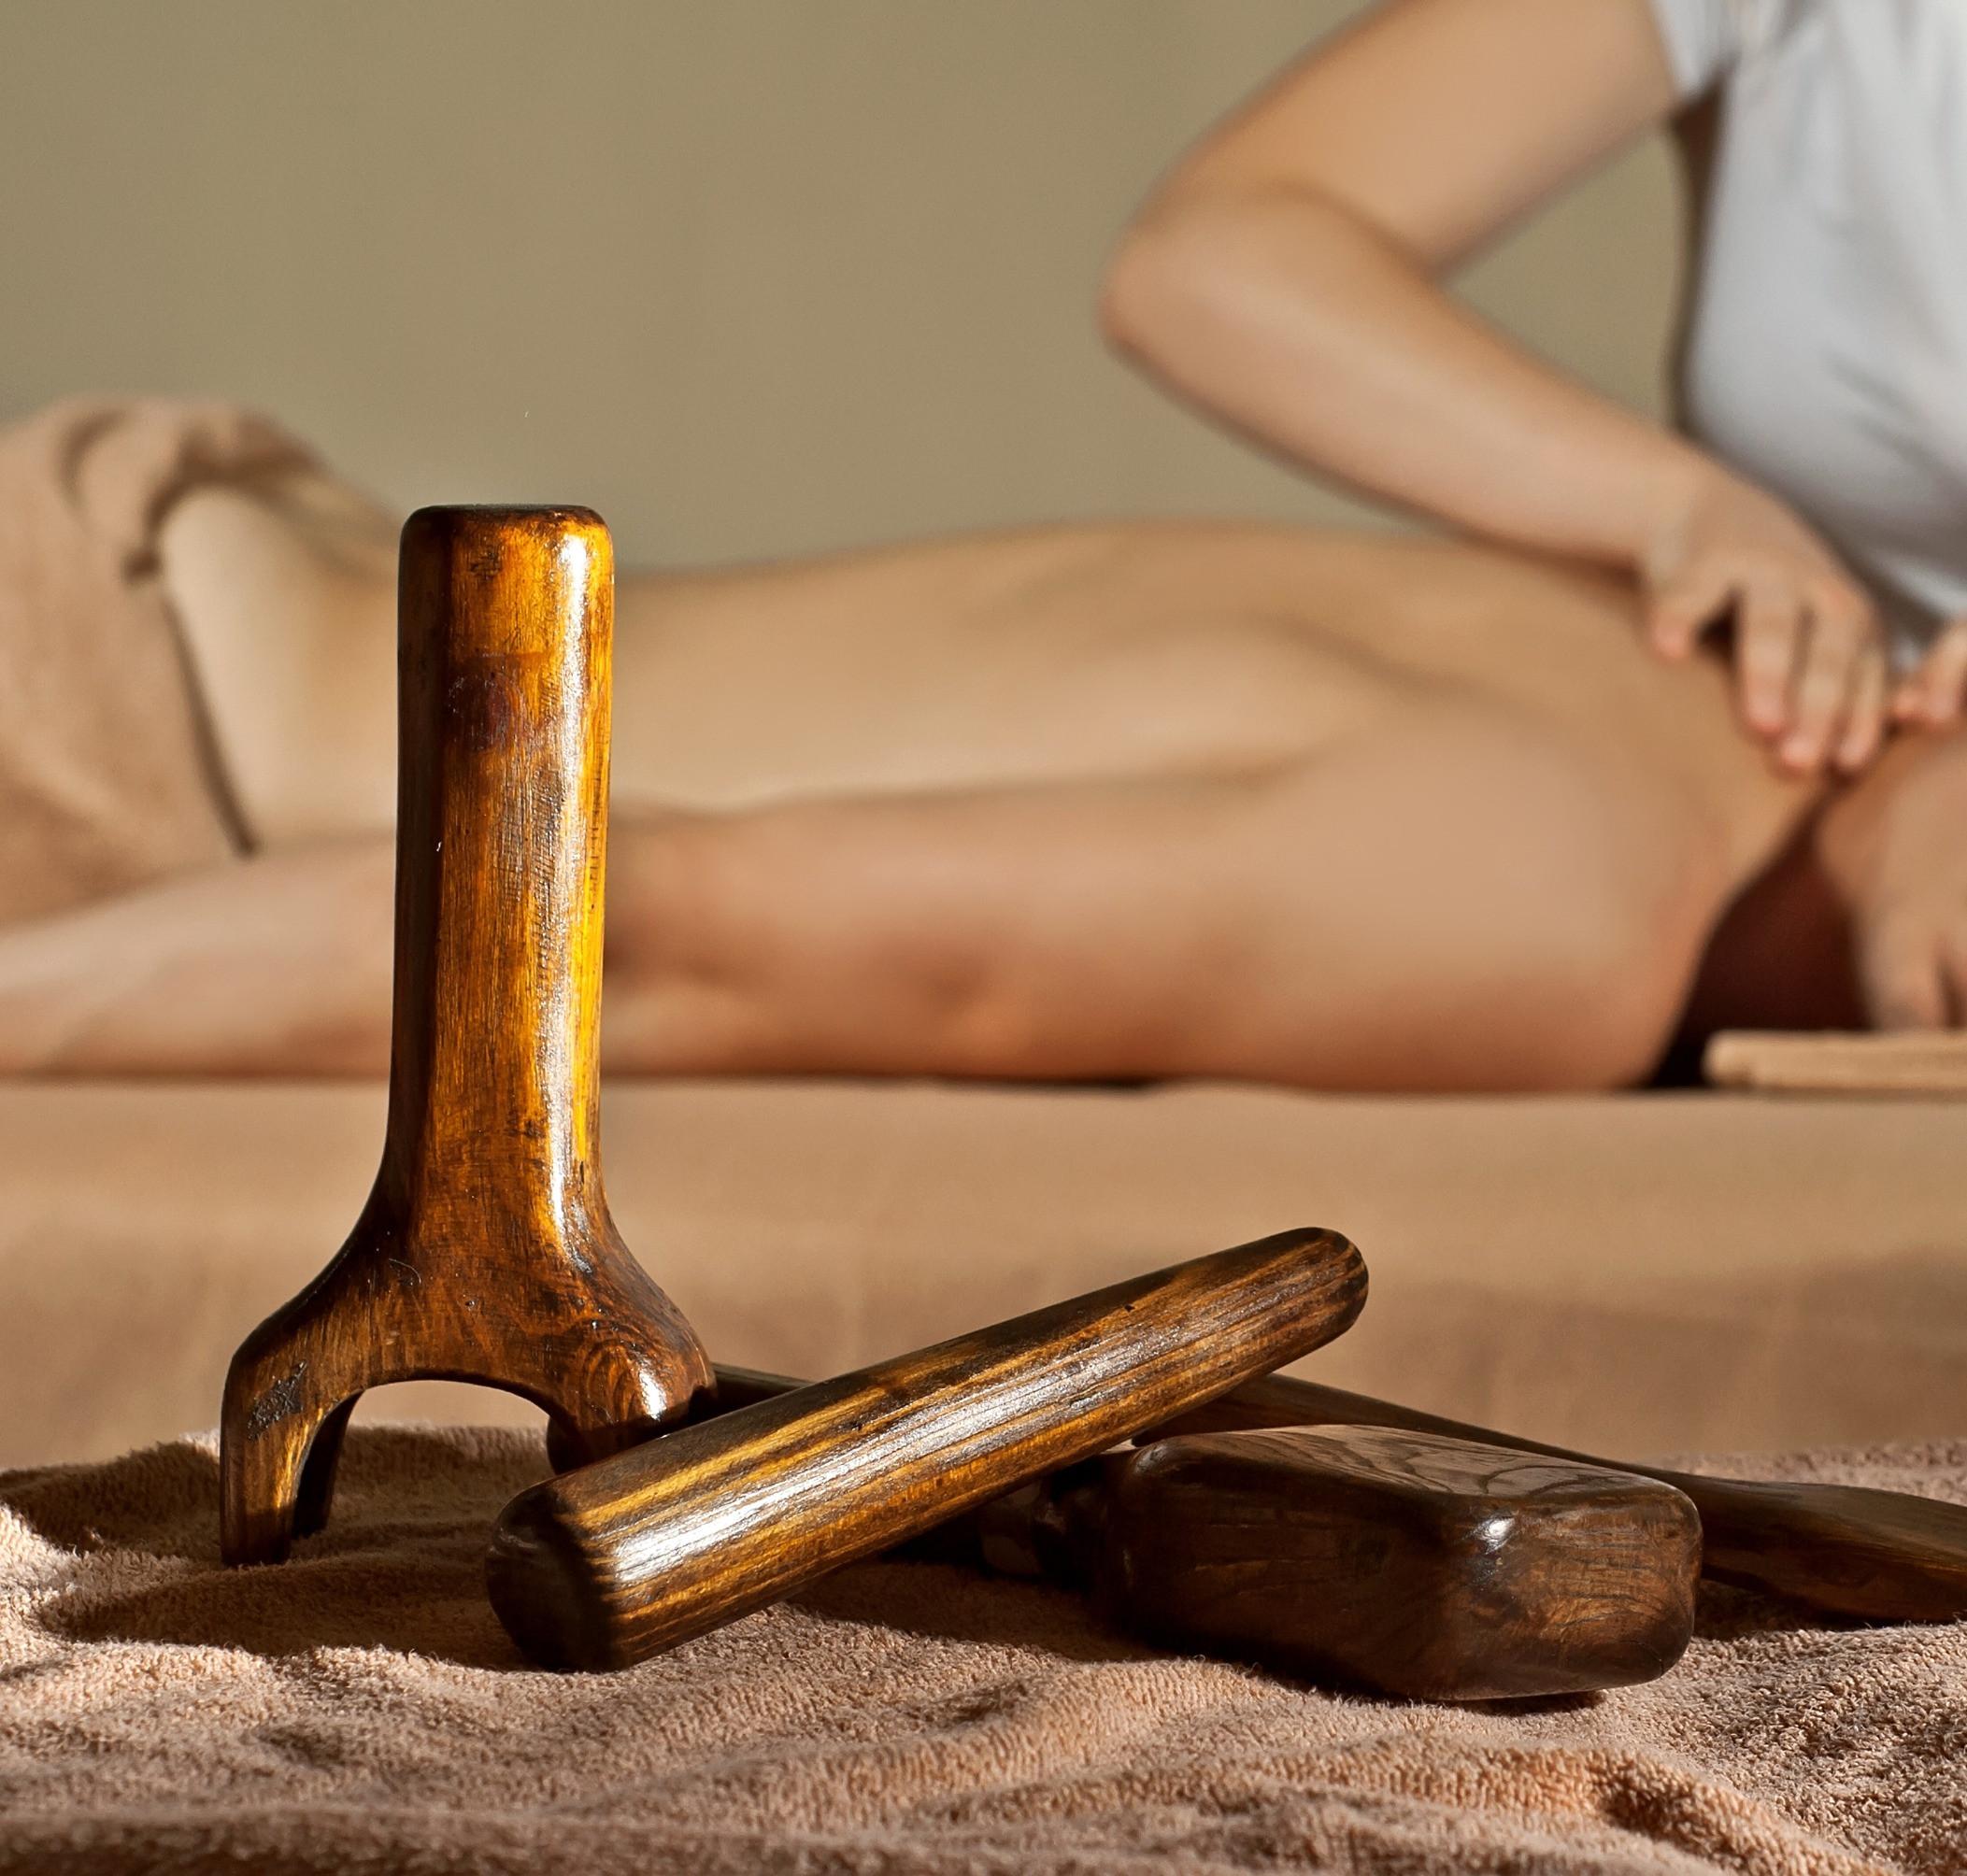 Thai Tok Sen Massage